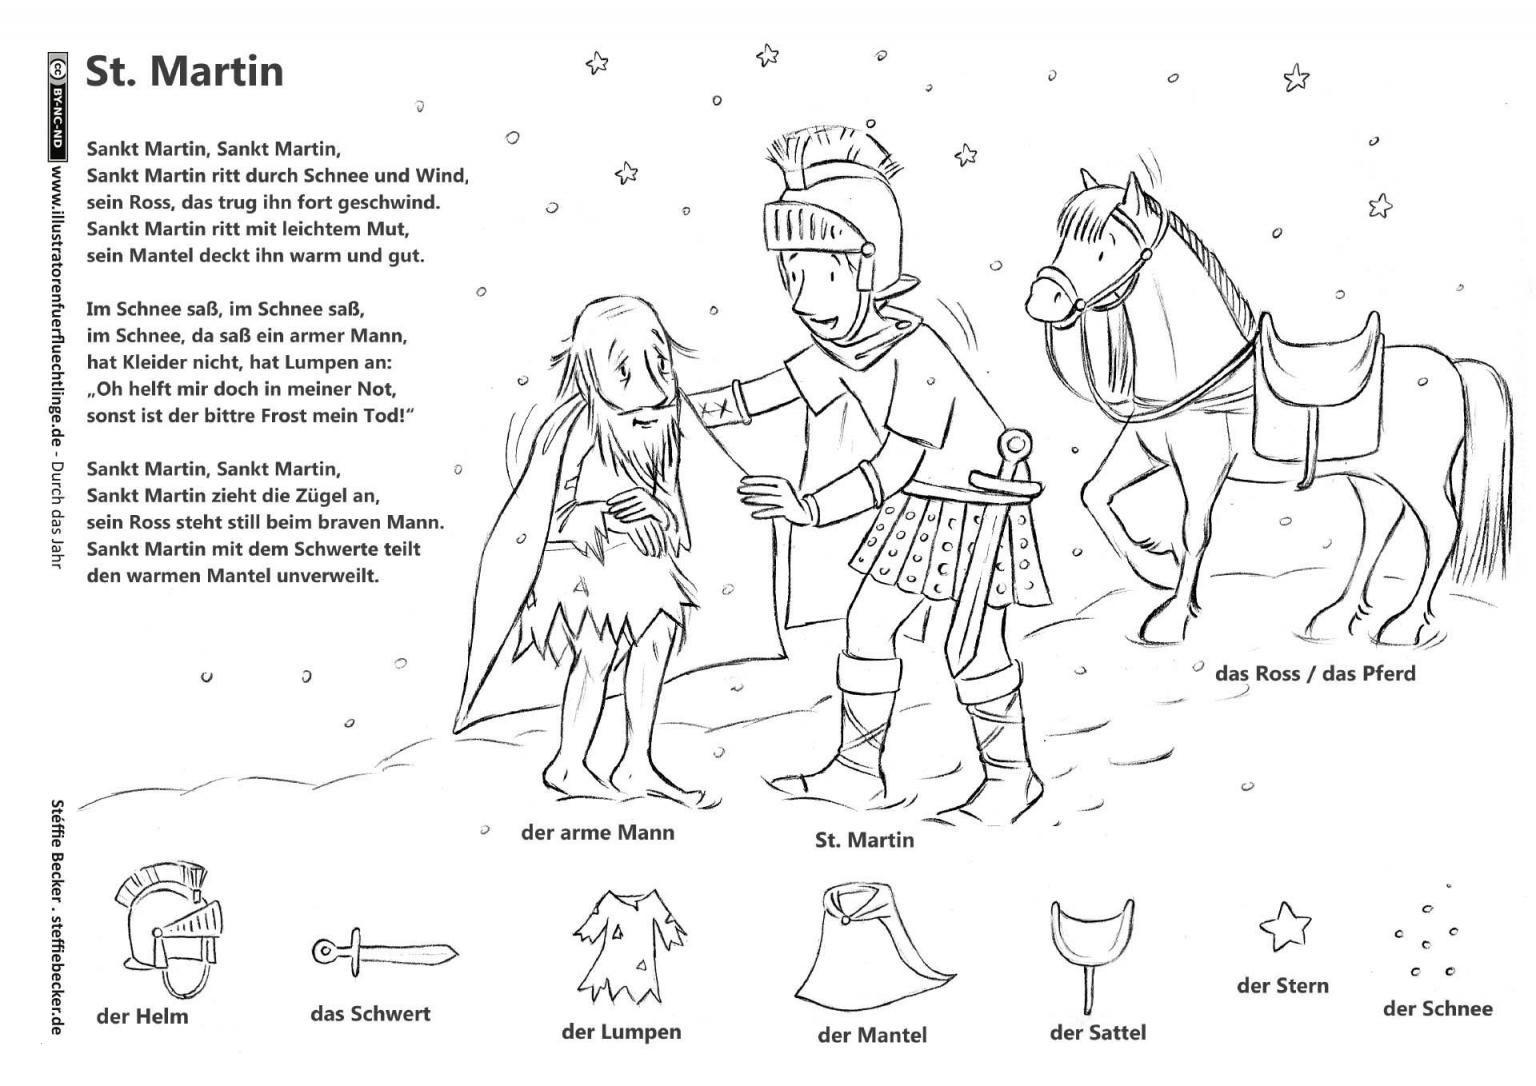 Winter Bilder Zum Ausmalen Inspirierend Bayern Ausmalbilder Schön Igel Grundschule 0d Archives Inspirierend Bild